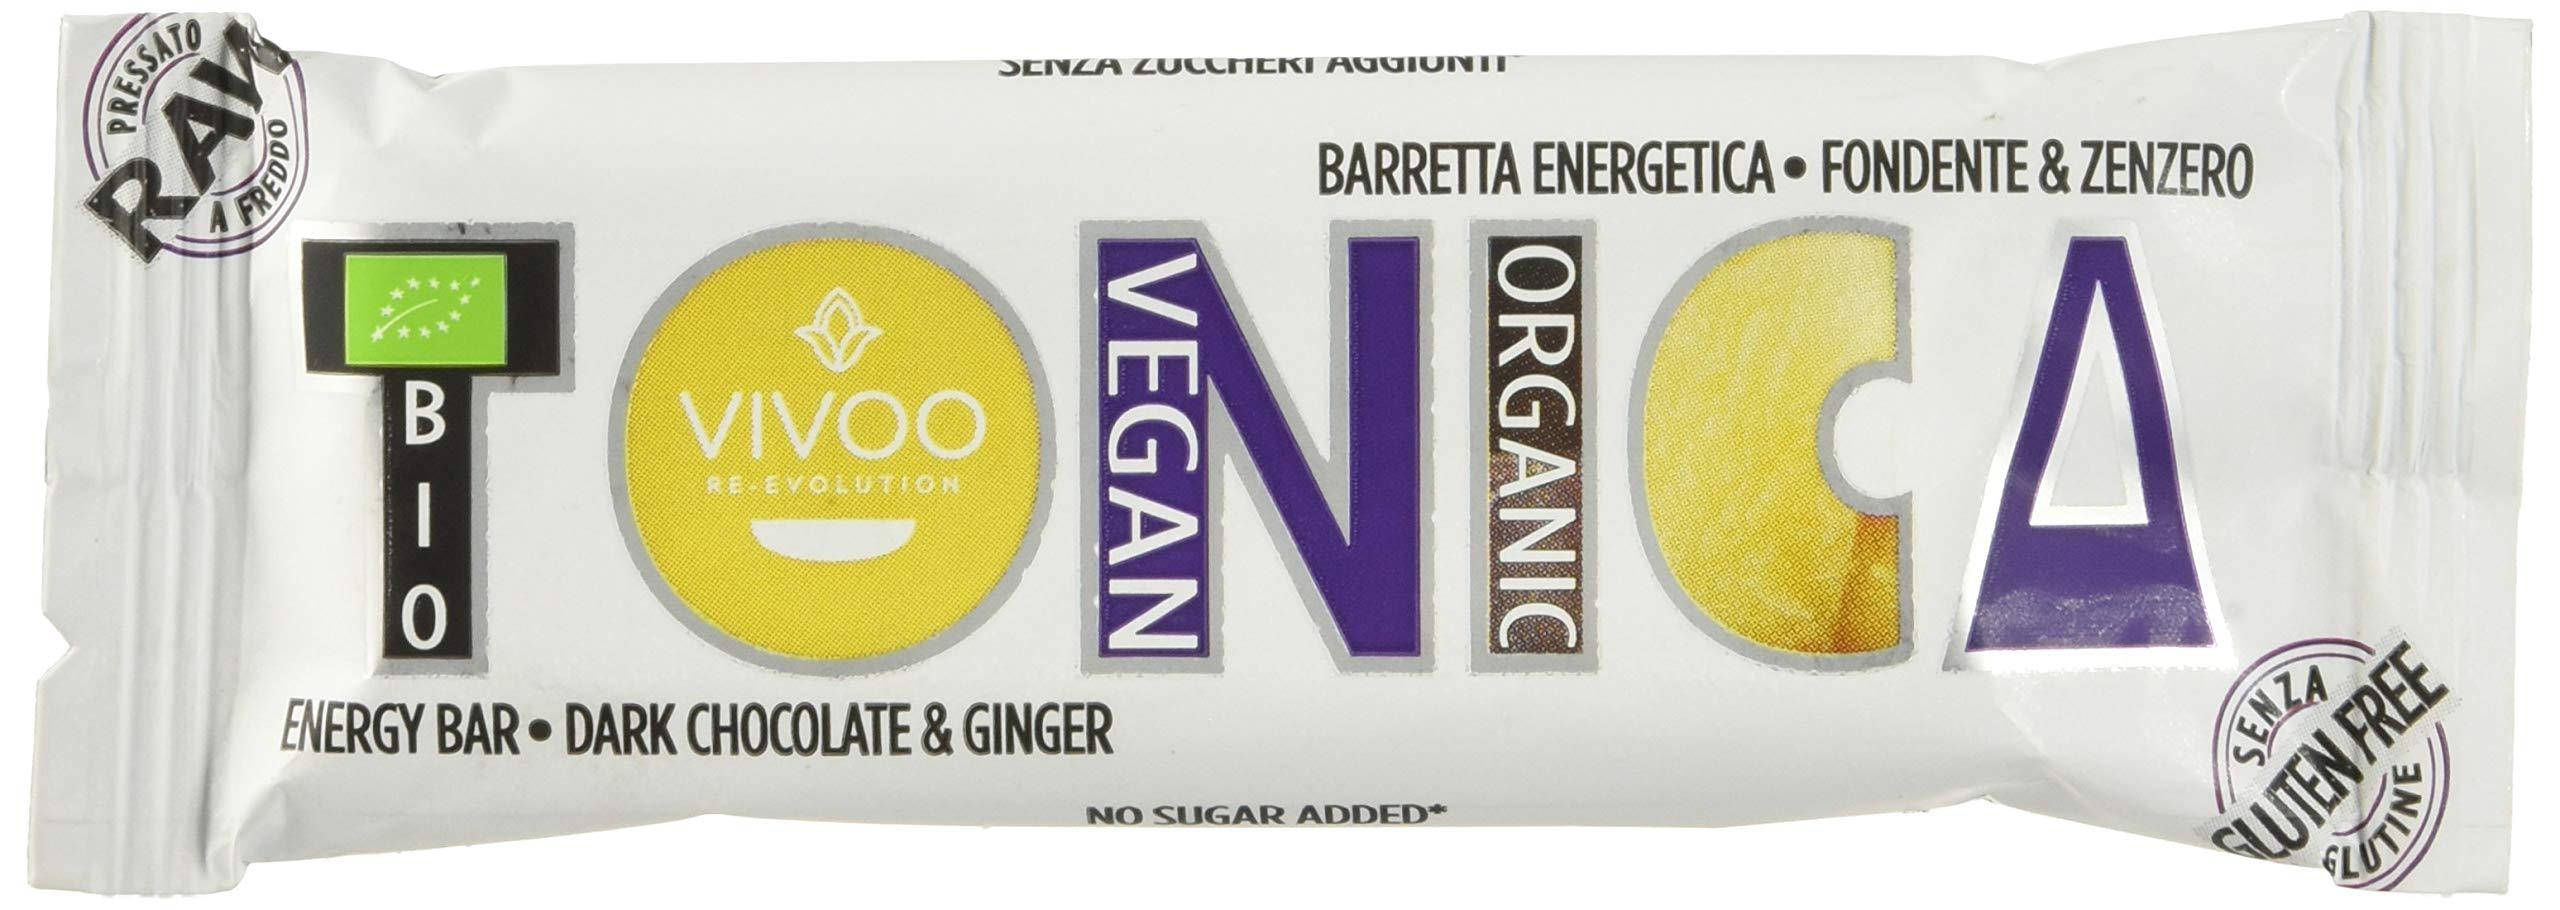 Vivoo Tonica - Barretta Energetica - Fondente e Zenzero - 16 Confezioni da 35 g 1 spesavip